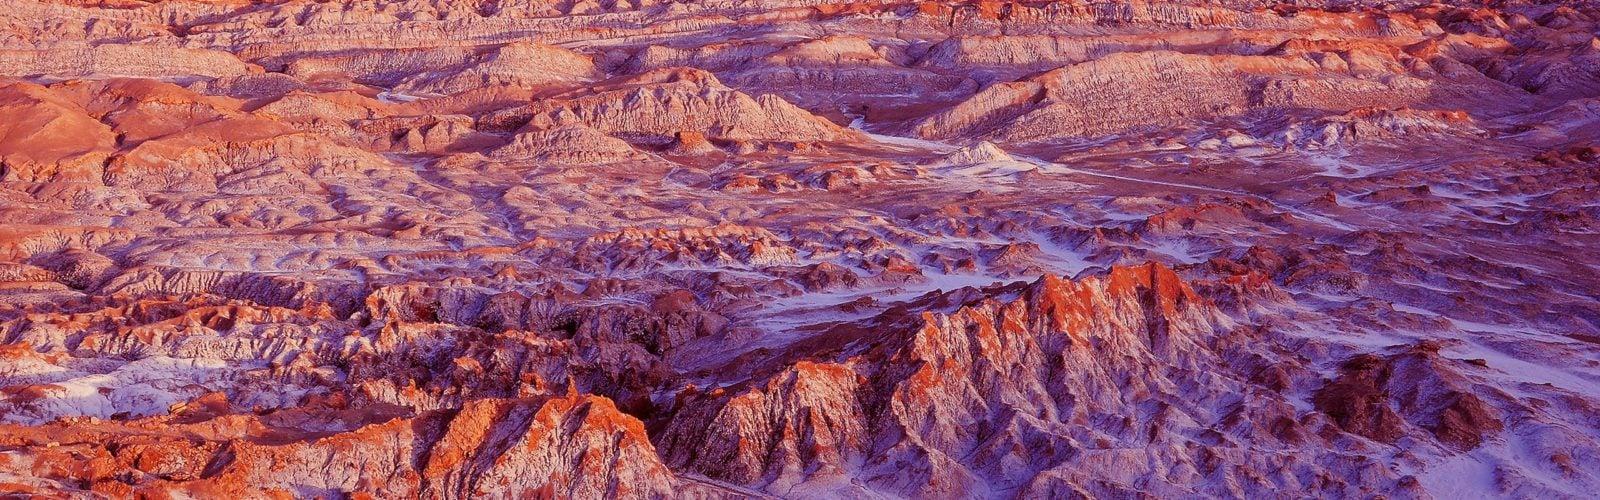 valle-de-muerte-atacama-desert